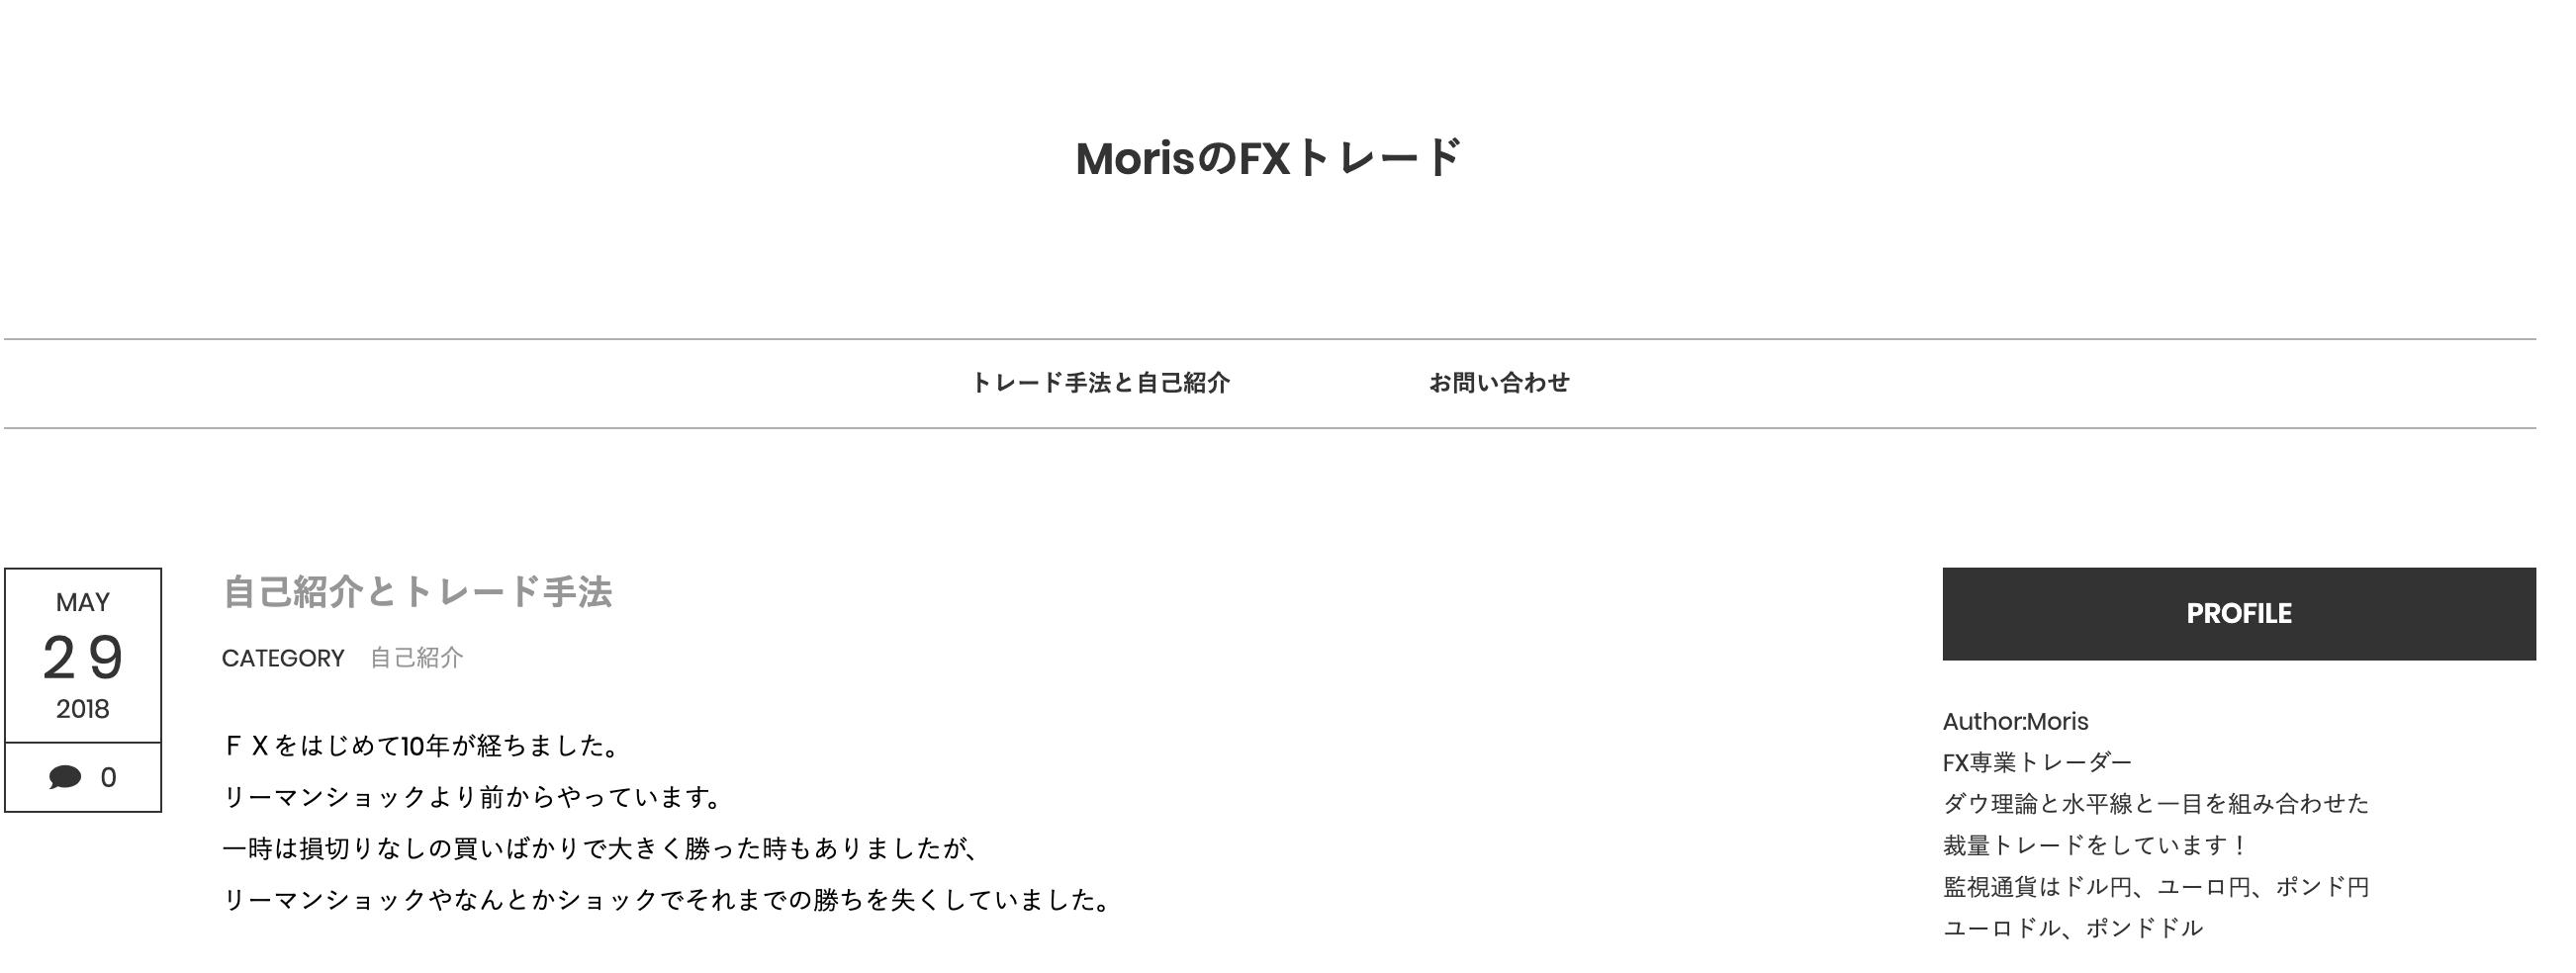 MorisのFXトレード